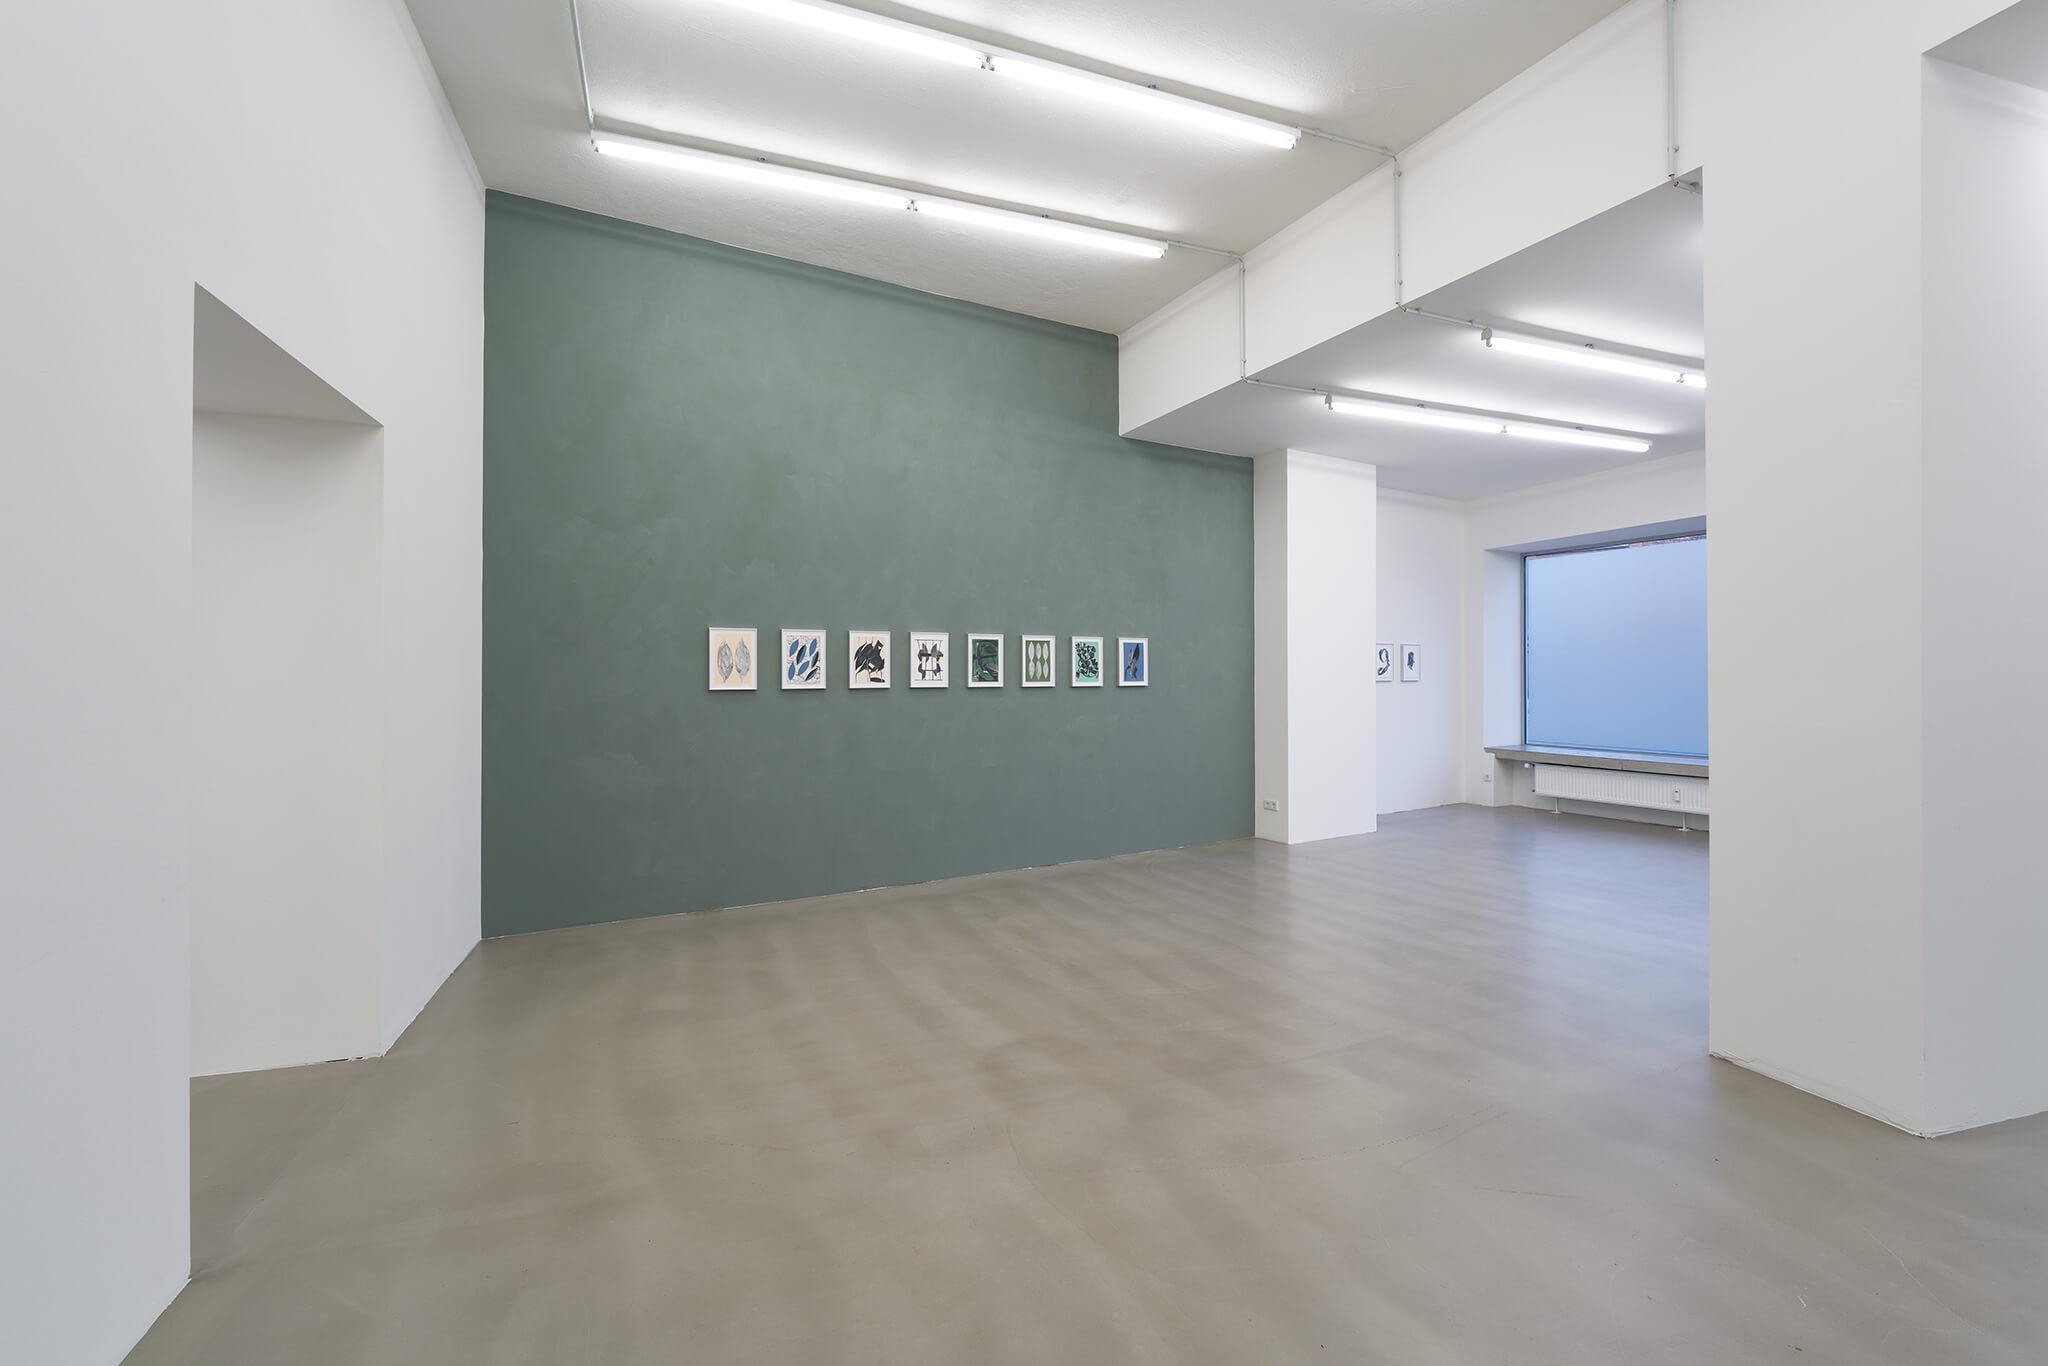 109_Frauke-Dannert_Collage_Ausstellung_Wandmalerei_botanicals_Rupert-Pfab-Düsseldorf_-2017